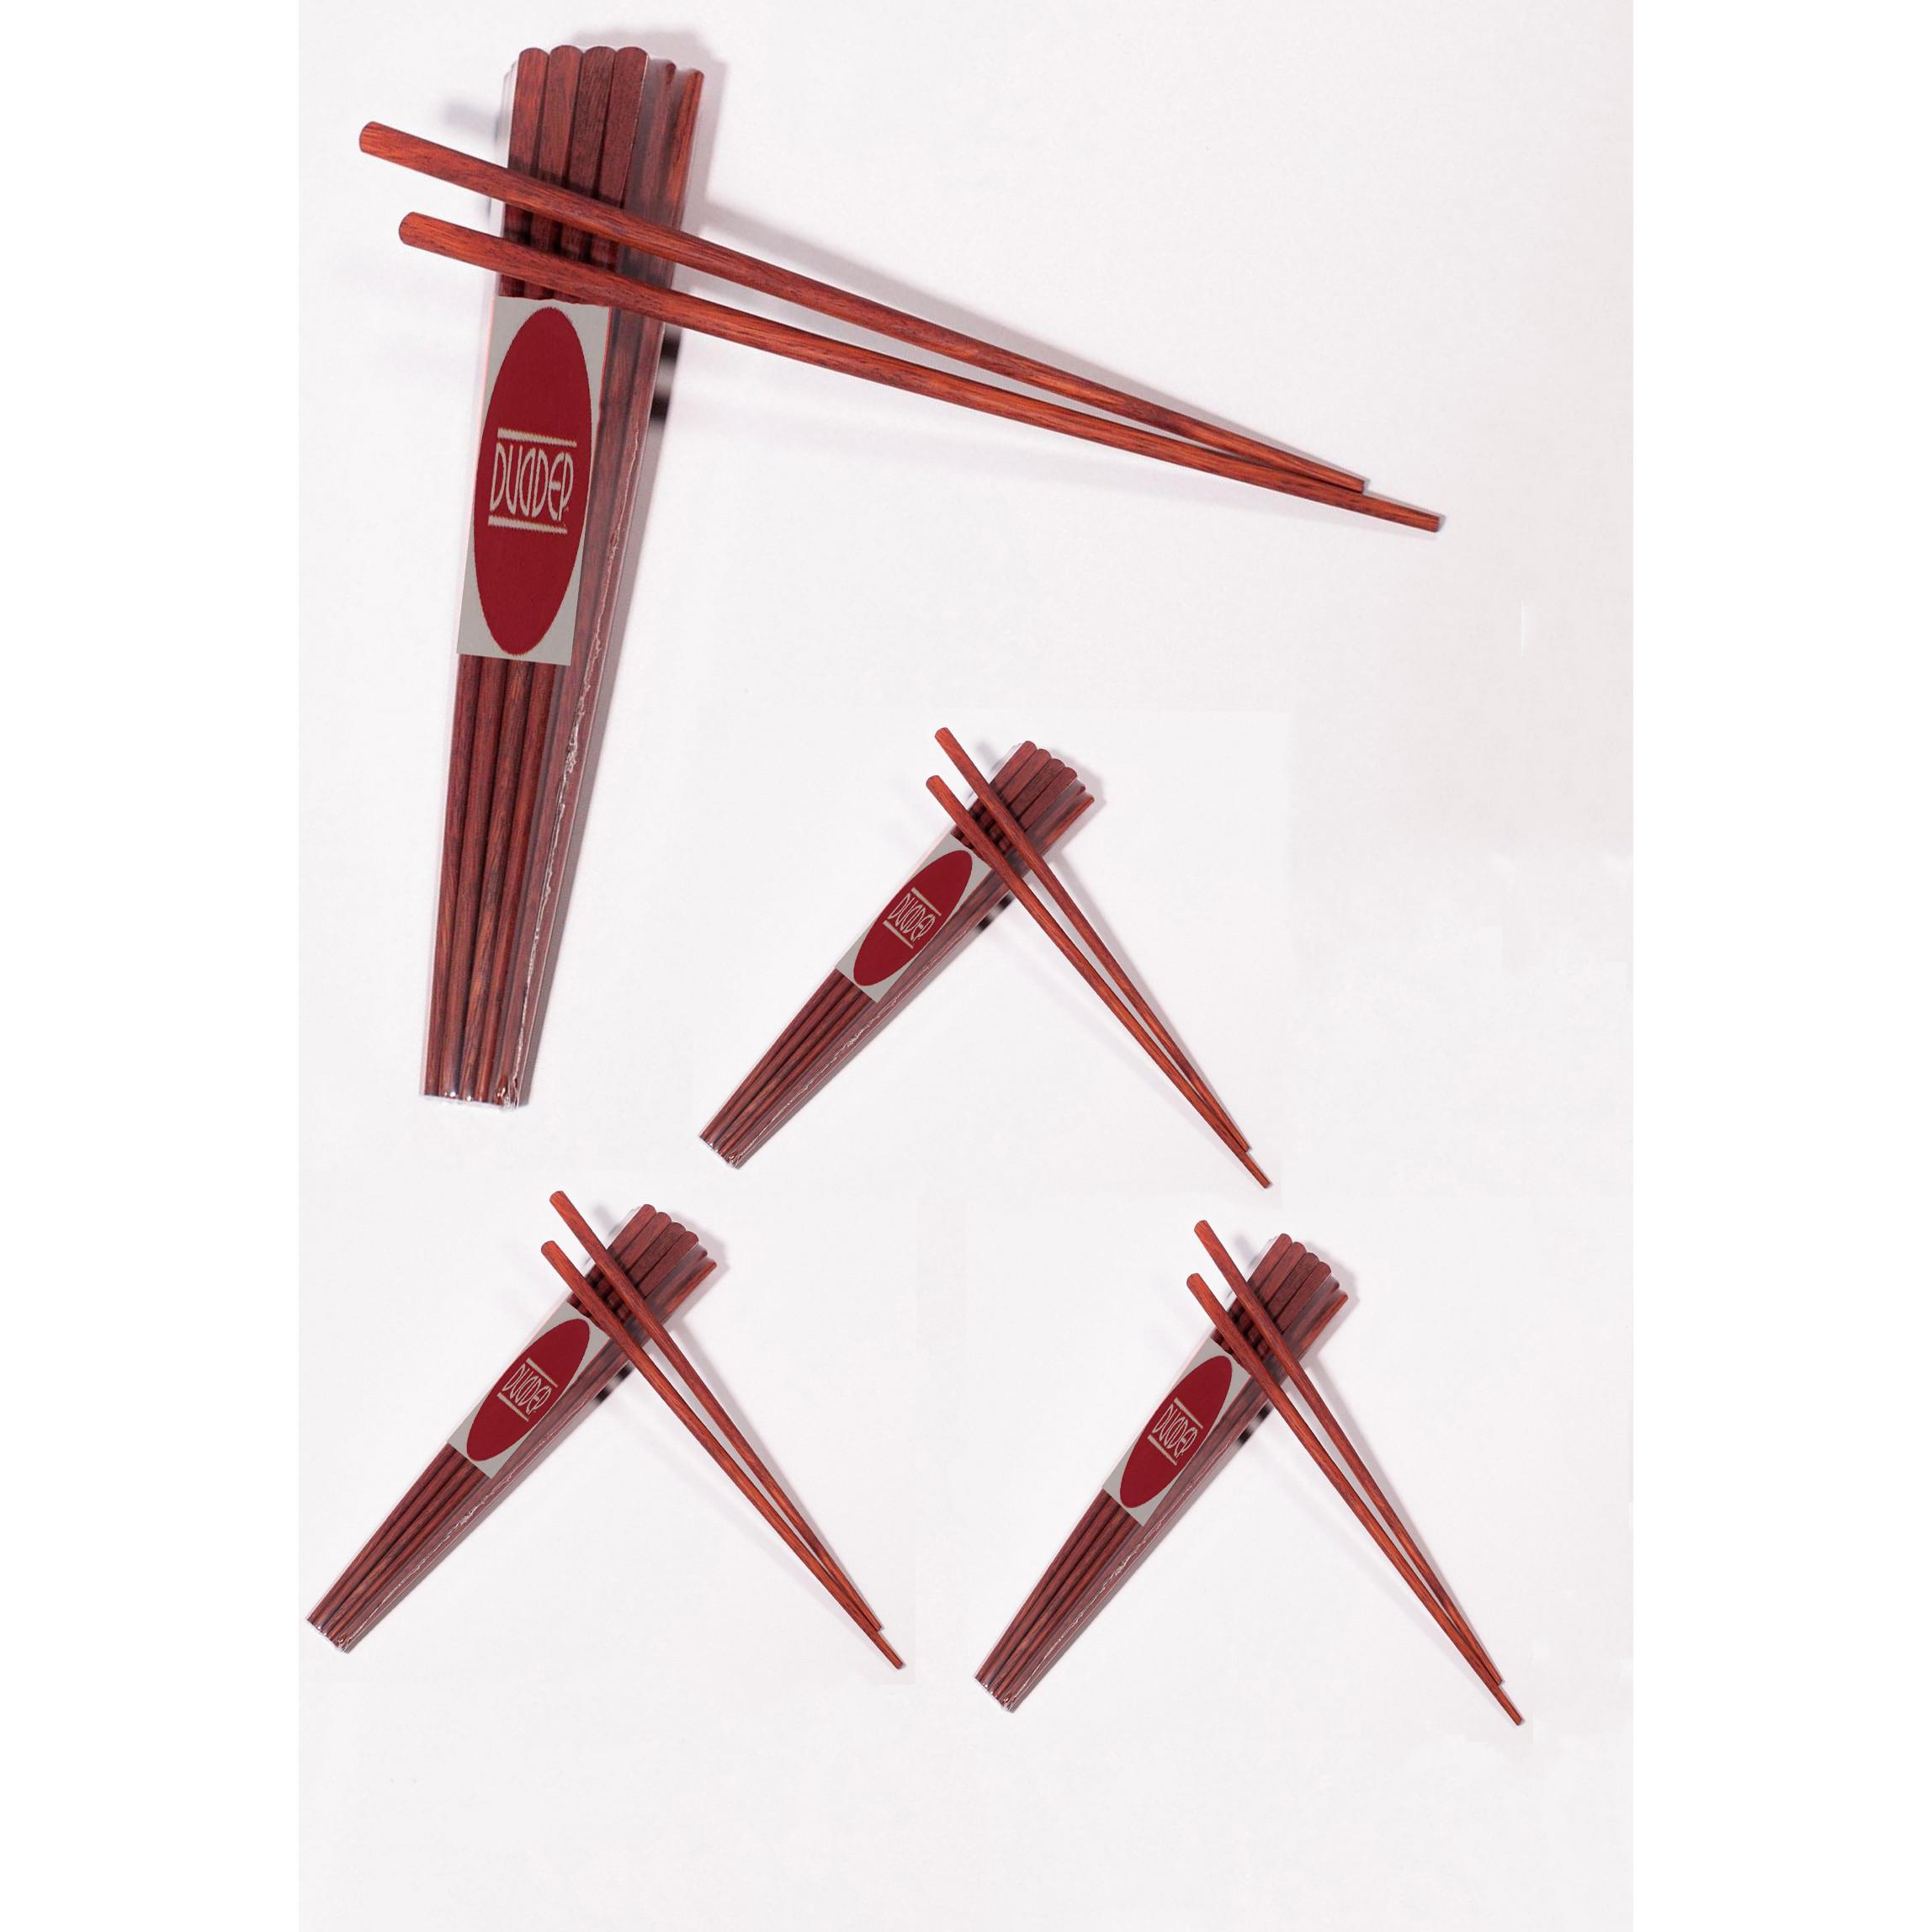 40 đôi đũa gỗ cẩm không nhuộm màu không mùi gỗ trần mộc tự nhiên